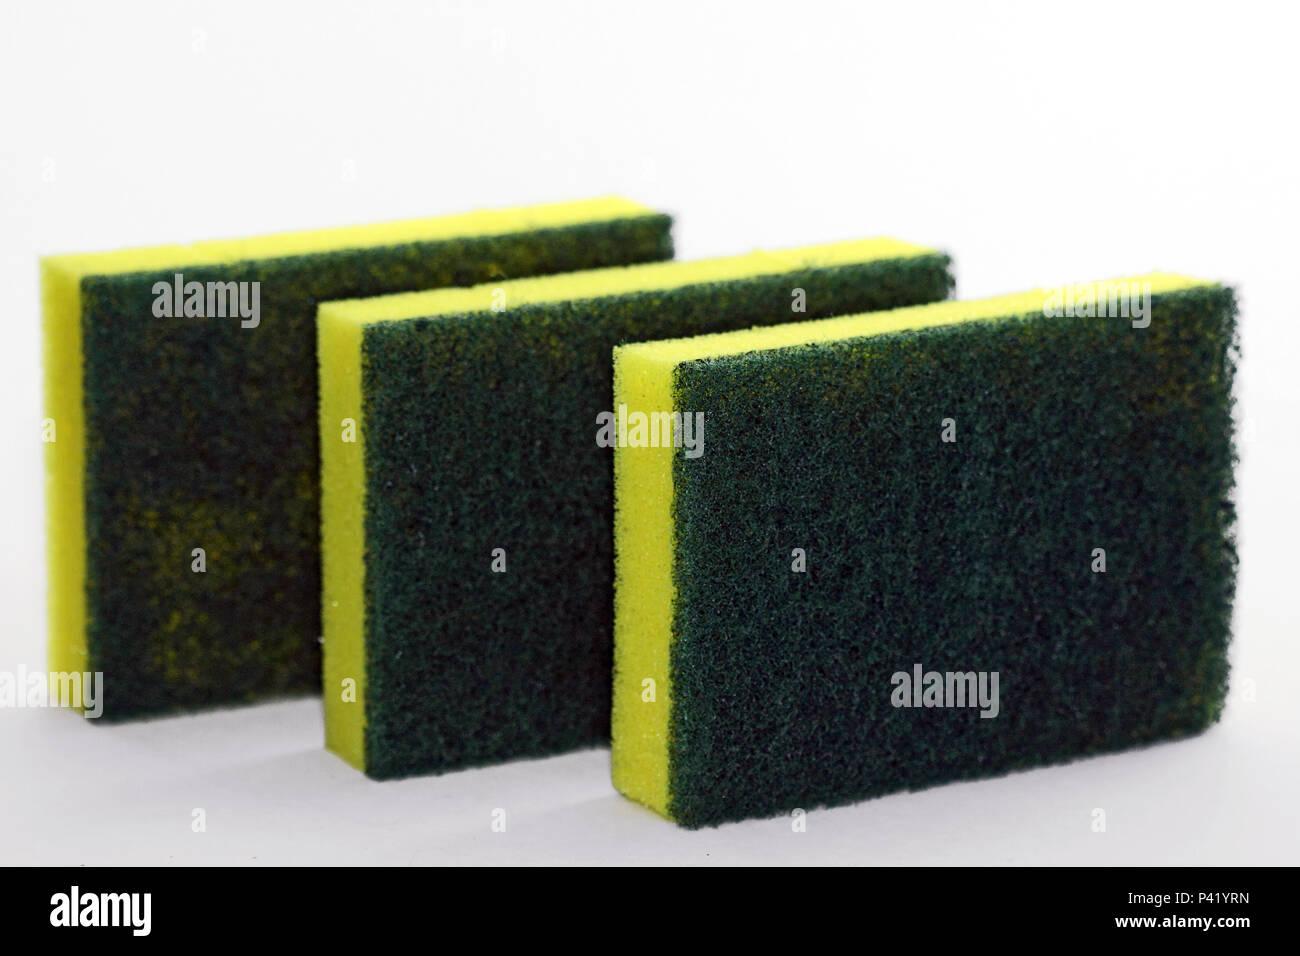 Esponja esponjas para lavar louça buchinha espuma produto de limpeza doméstico Imagen De Stock